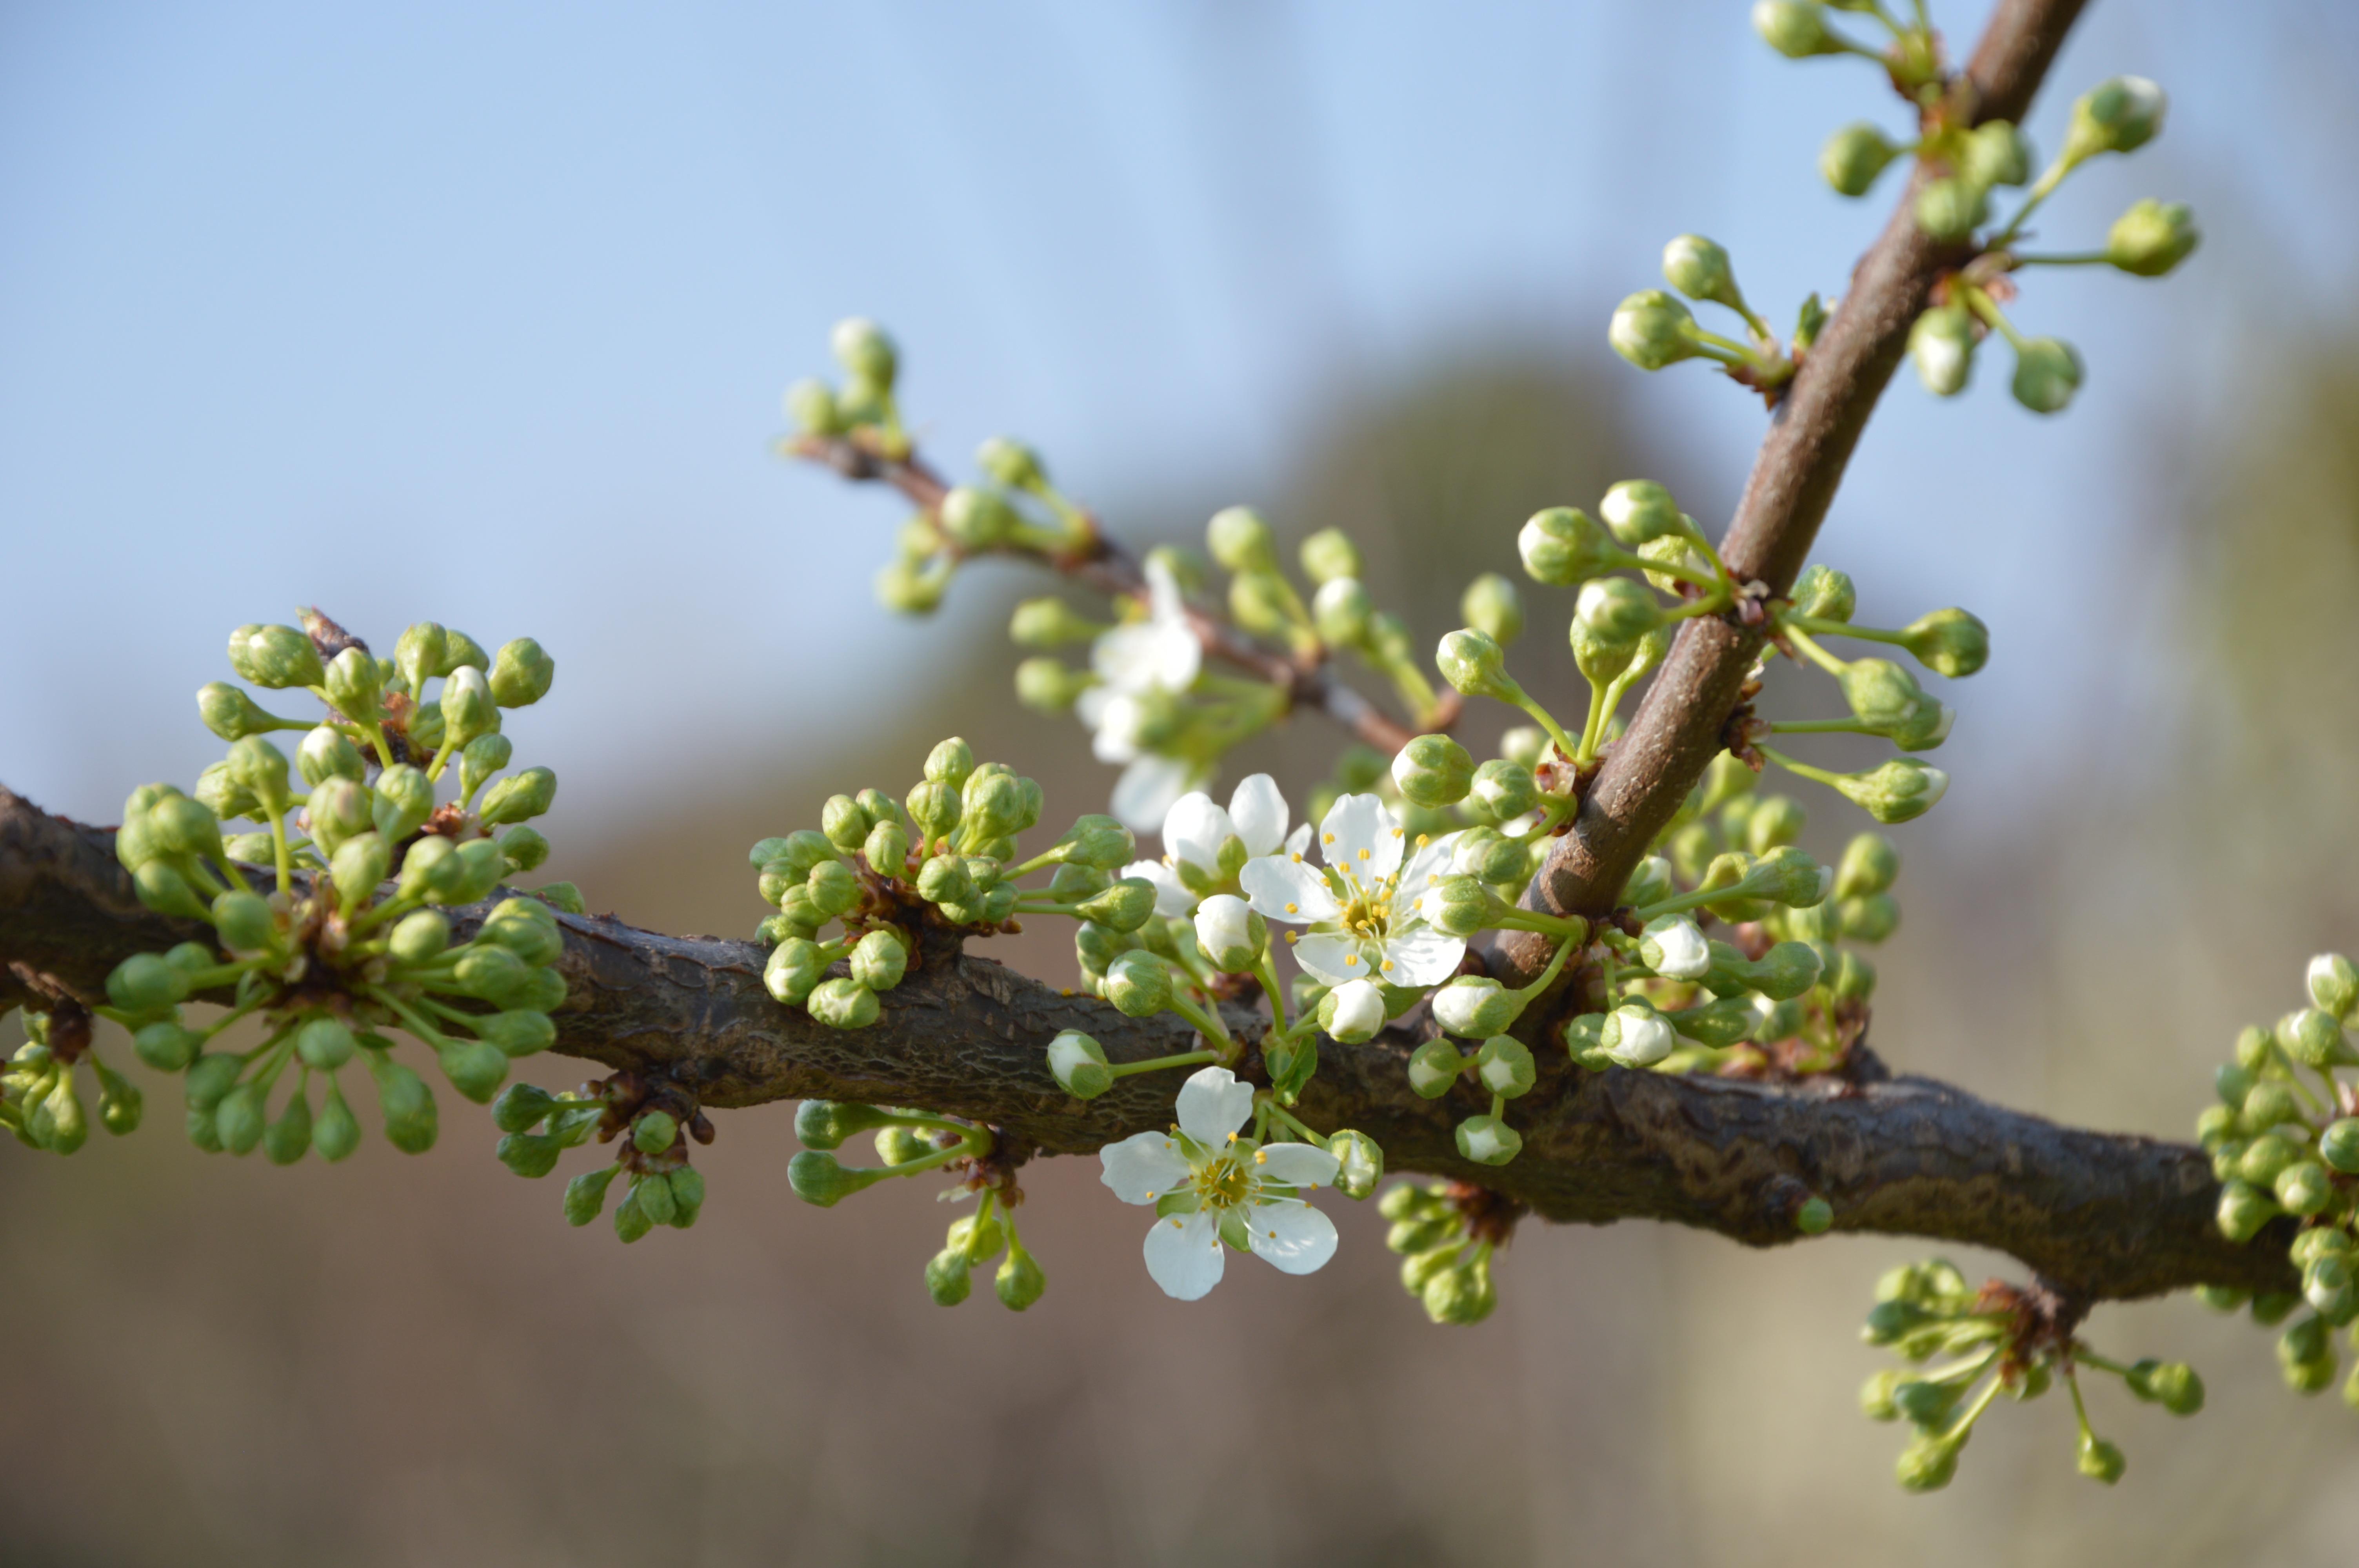 конференций специфическая картинки весна почки на деревьях избавиться излишней